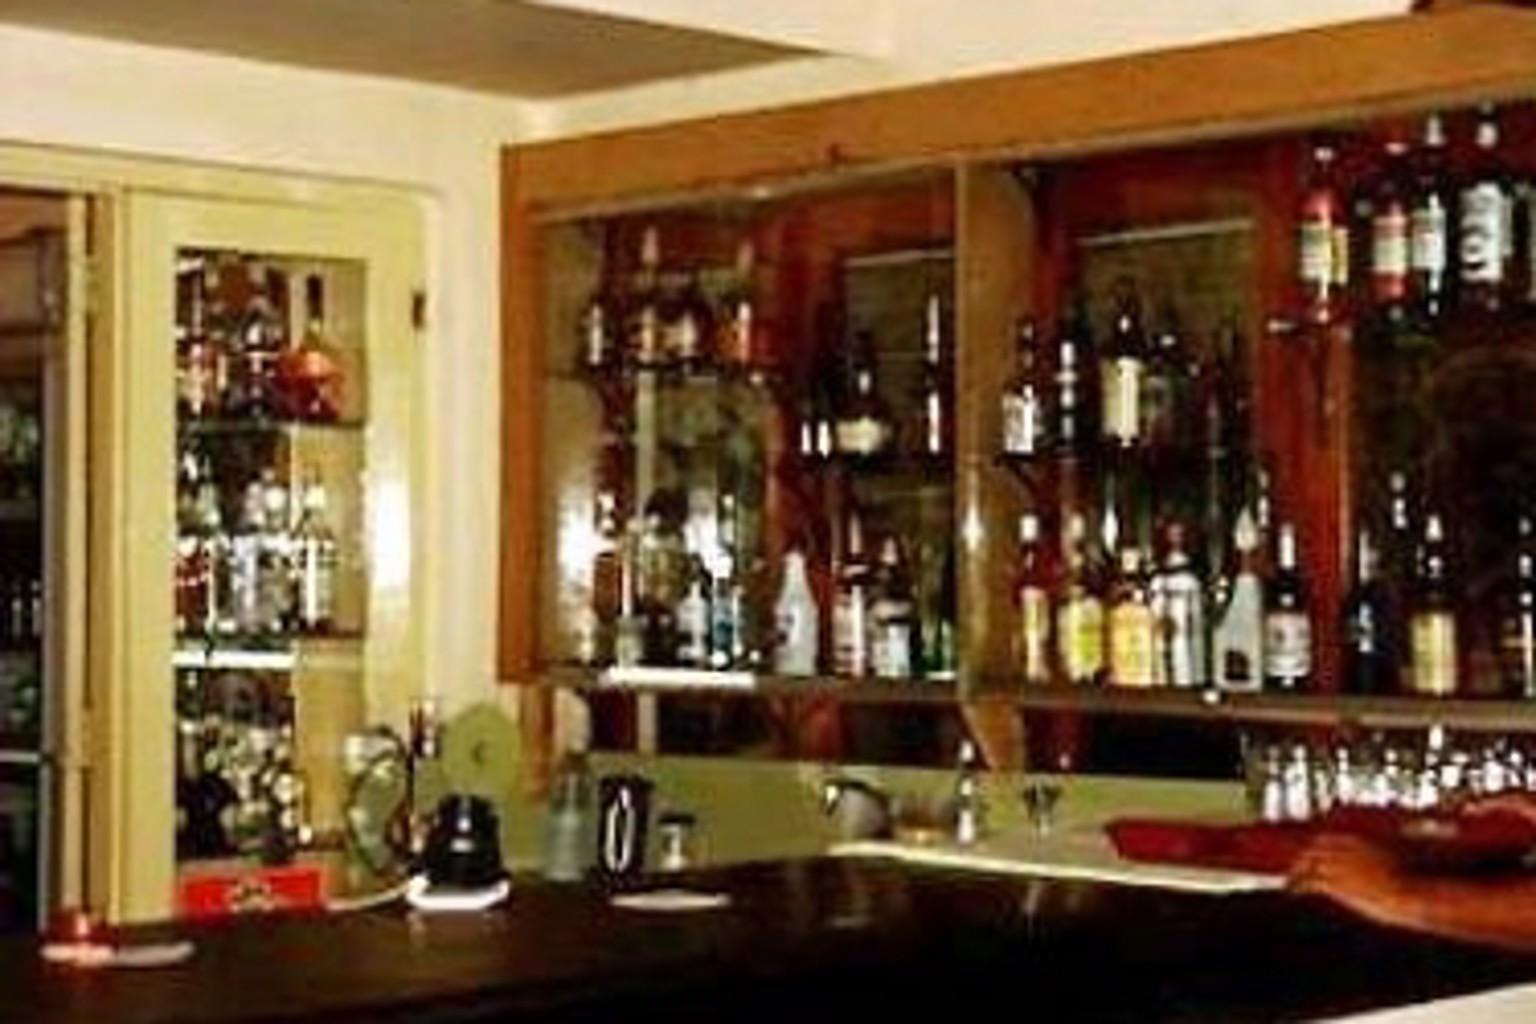 Gallery image of Nuwarawewa Rest House